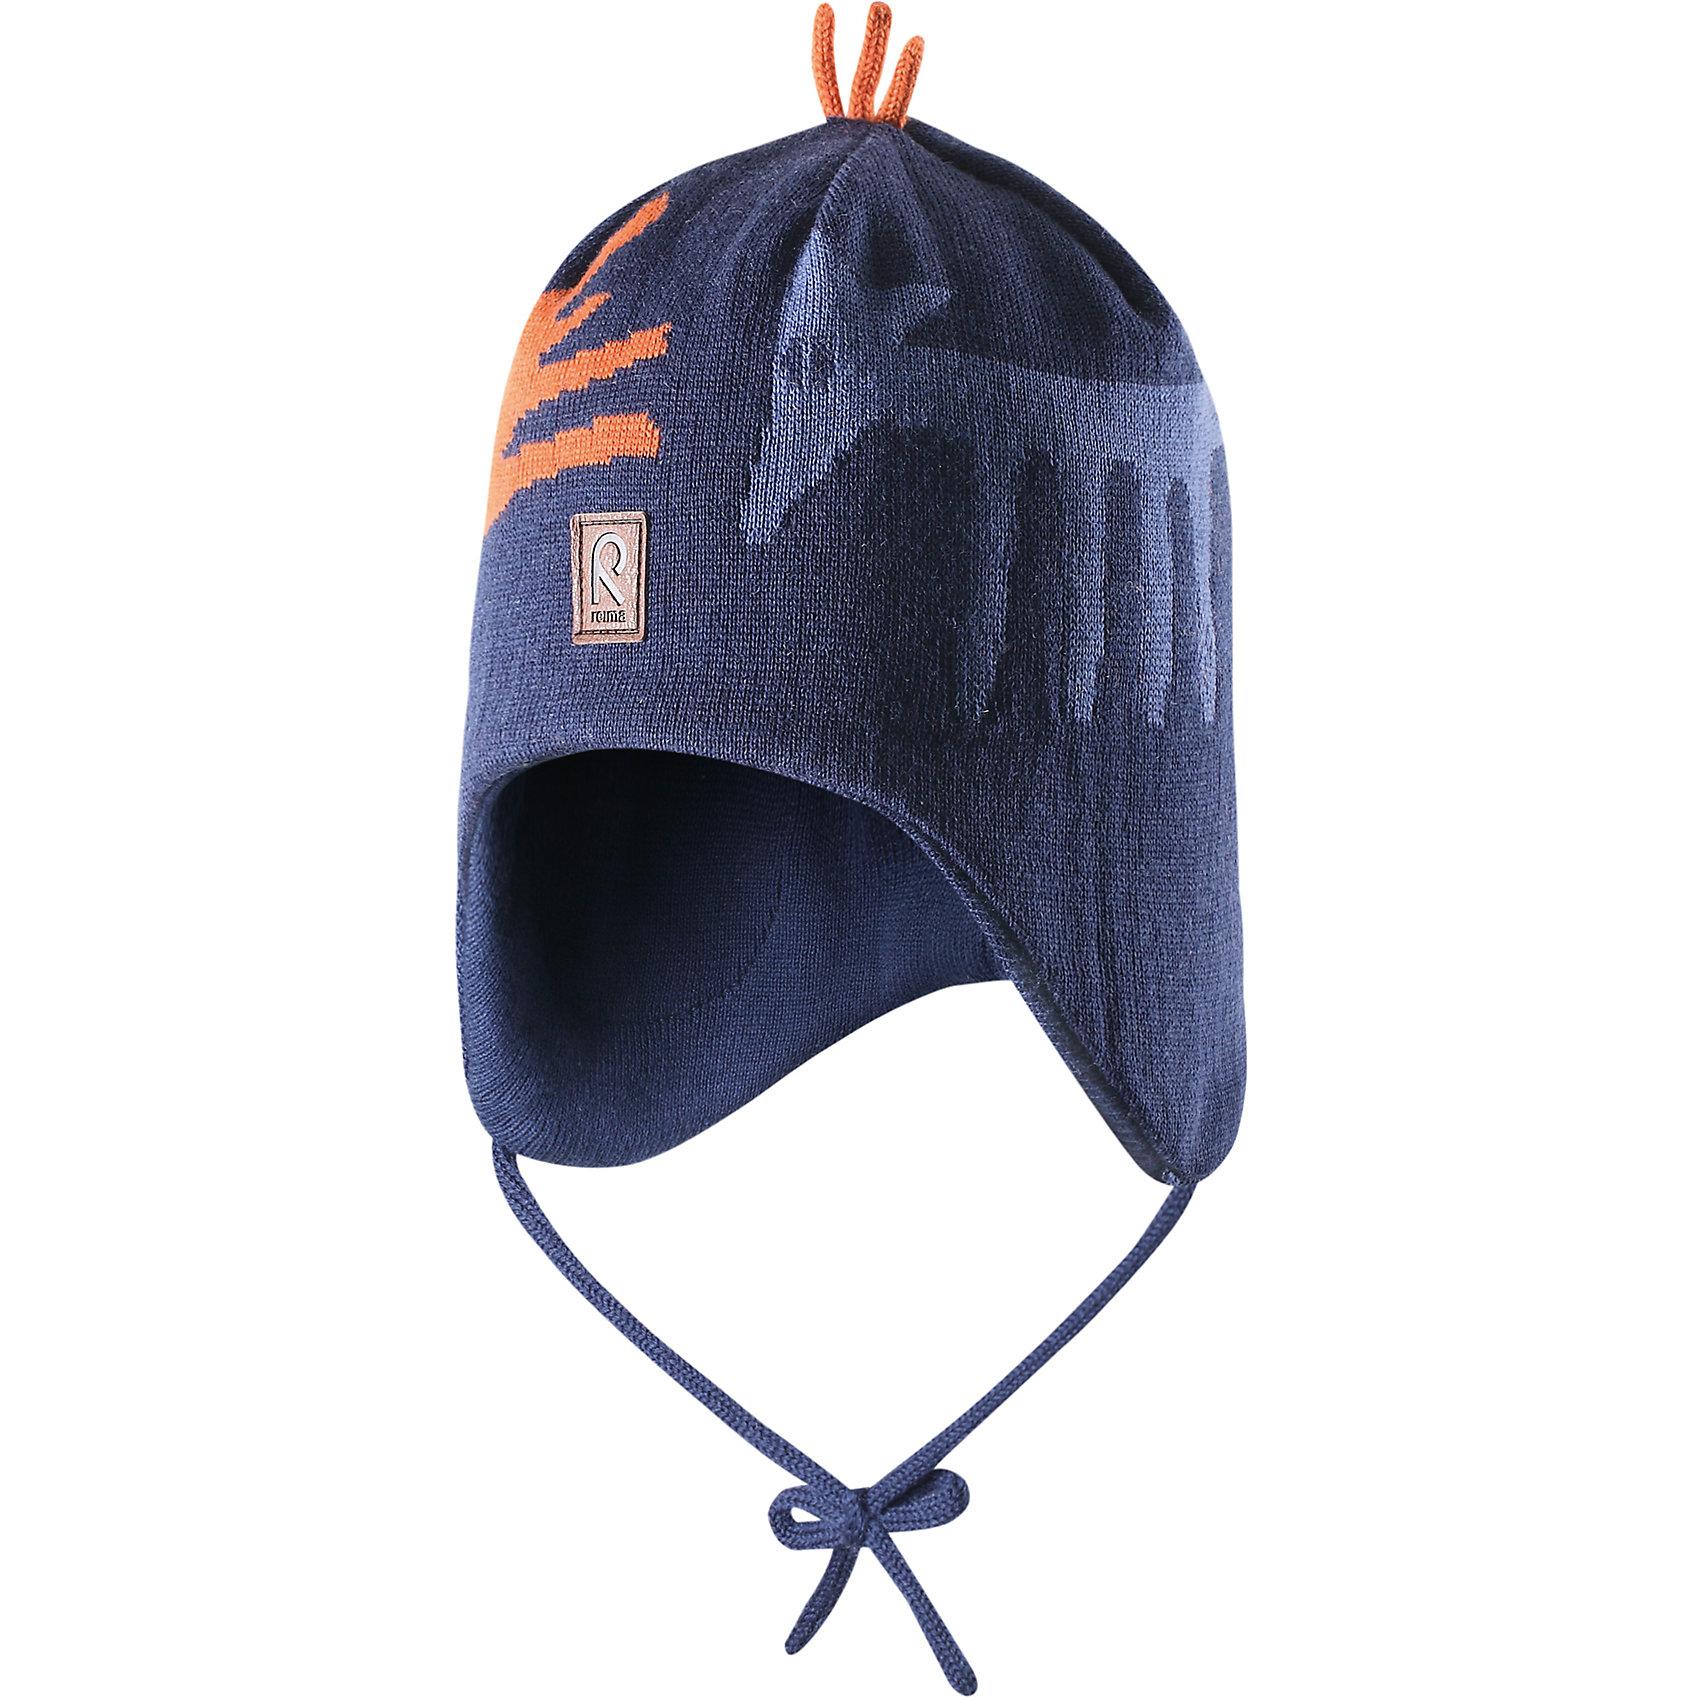 Шапка для мальчика ReimaЭй, лисички! Эта теплая шерстяная шапочка согреет в морозный зимний день! Подкладка из мягкого хлопчатобумажной трикотажа приятна коже и позволяет держать головку в тепле. Ветронепроницаемые вставки в области ушей защитят маленькие уши от холодного ветра, а шнурочки не позволят шапочке соскользнуть во время катания на санках. Шапочка хорошо защитит маленькие уши и лоб в холодную погоду.<br><br> Шерстяная шапочка для малышей и детей постарше<br> Спереди декоративная вышивка<br> Сплошная подкладка: мягкая хлопчатобумажная подкладка<br>Ветронепроницаемые вставки в области ушей <br>Забавный рисунок «лисица»<br>Состав:<br>100% Шерсть<br><br><br>Шапку Reima (Рейма) можно купить в нашем магазине.<br><br>Ширина мм: 89<br>Глубина мм: 117<br>Высота мм: 44<br>Вес г: 155<br>Цвет: синий<br>Возраст от месяцев: 6<br>Возраст до месяцев: 9<br>Пол: Мужской<br>Возраст: Детский<br>Размер: 46,48,50,54,52<br>SKU: 4208777